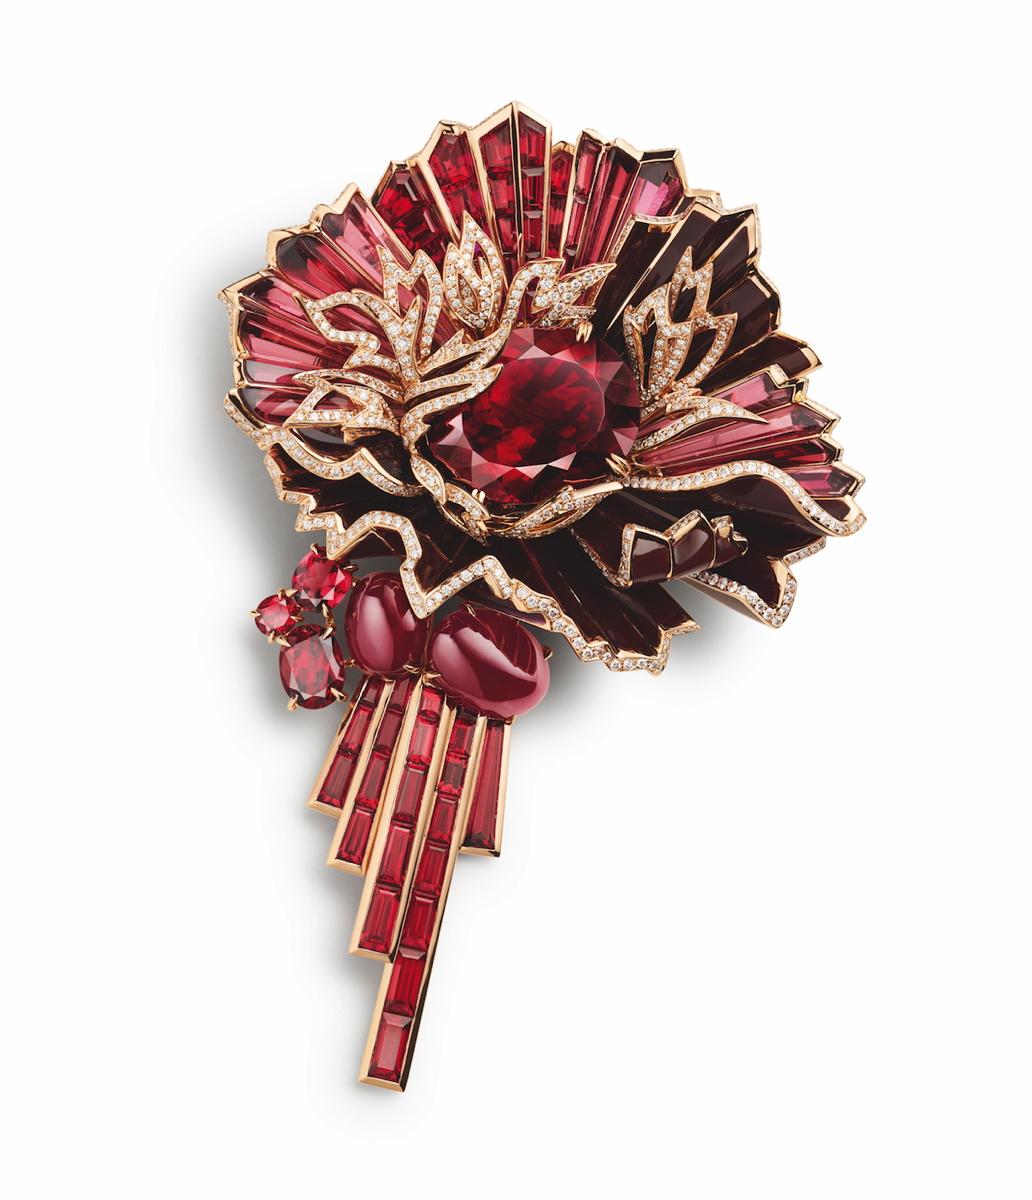 CHAUMET - Broche Aria Passionata en or rose et laque, sertie d'un grenat rhodolite de 22,51 carats, de quatre cabochons de rubis de 5,55 et 3,86 carats, de motifs de grenats rhodolites, de rubis baguette et de diamants taille brillant.